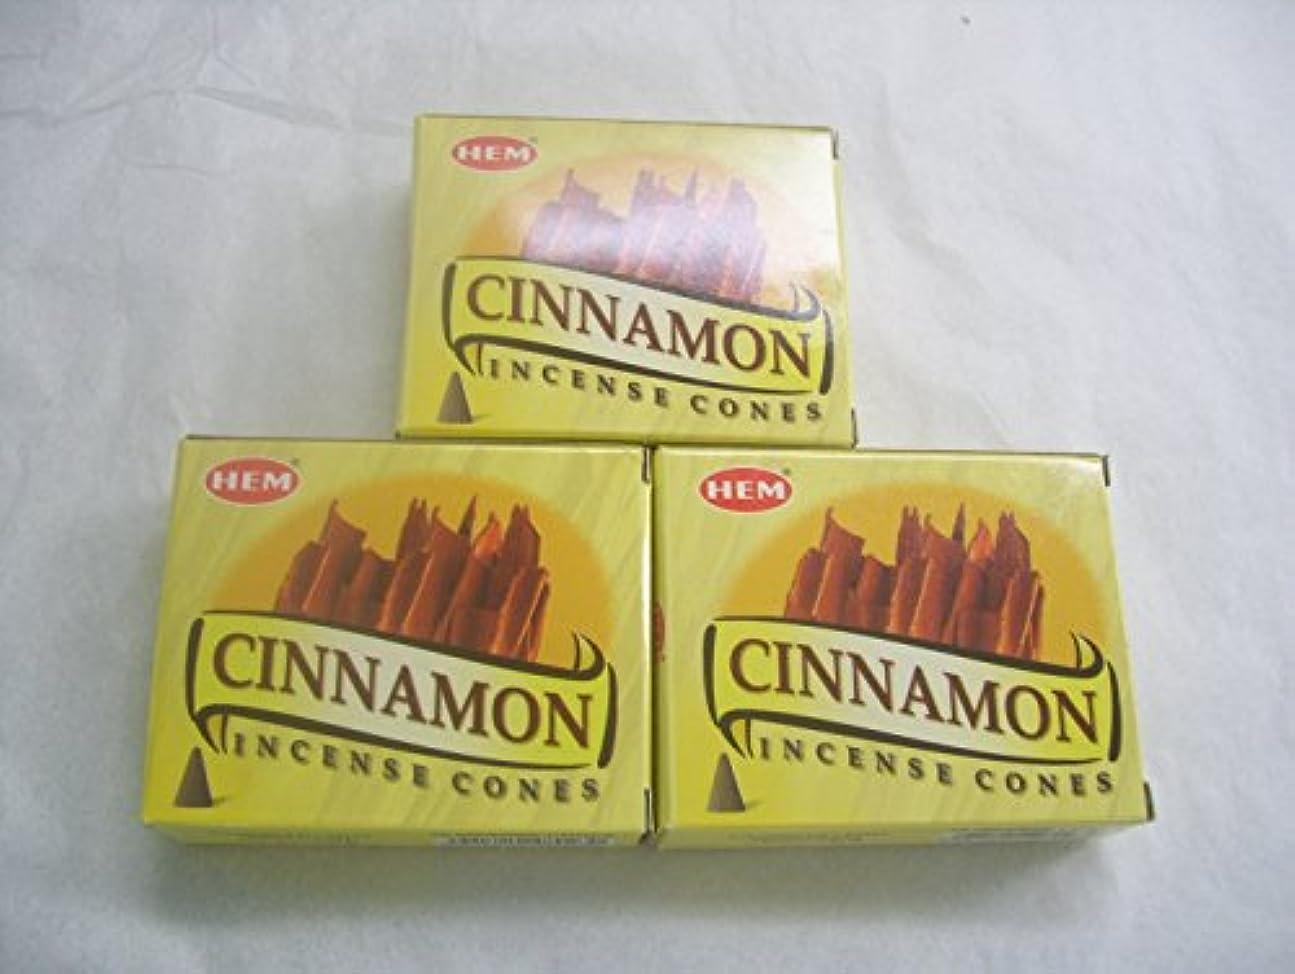 Hemシナモン香コーン、3パックの10 Cones = 30 Cones